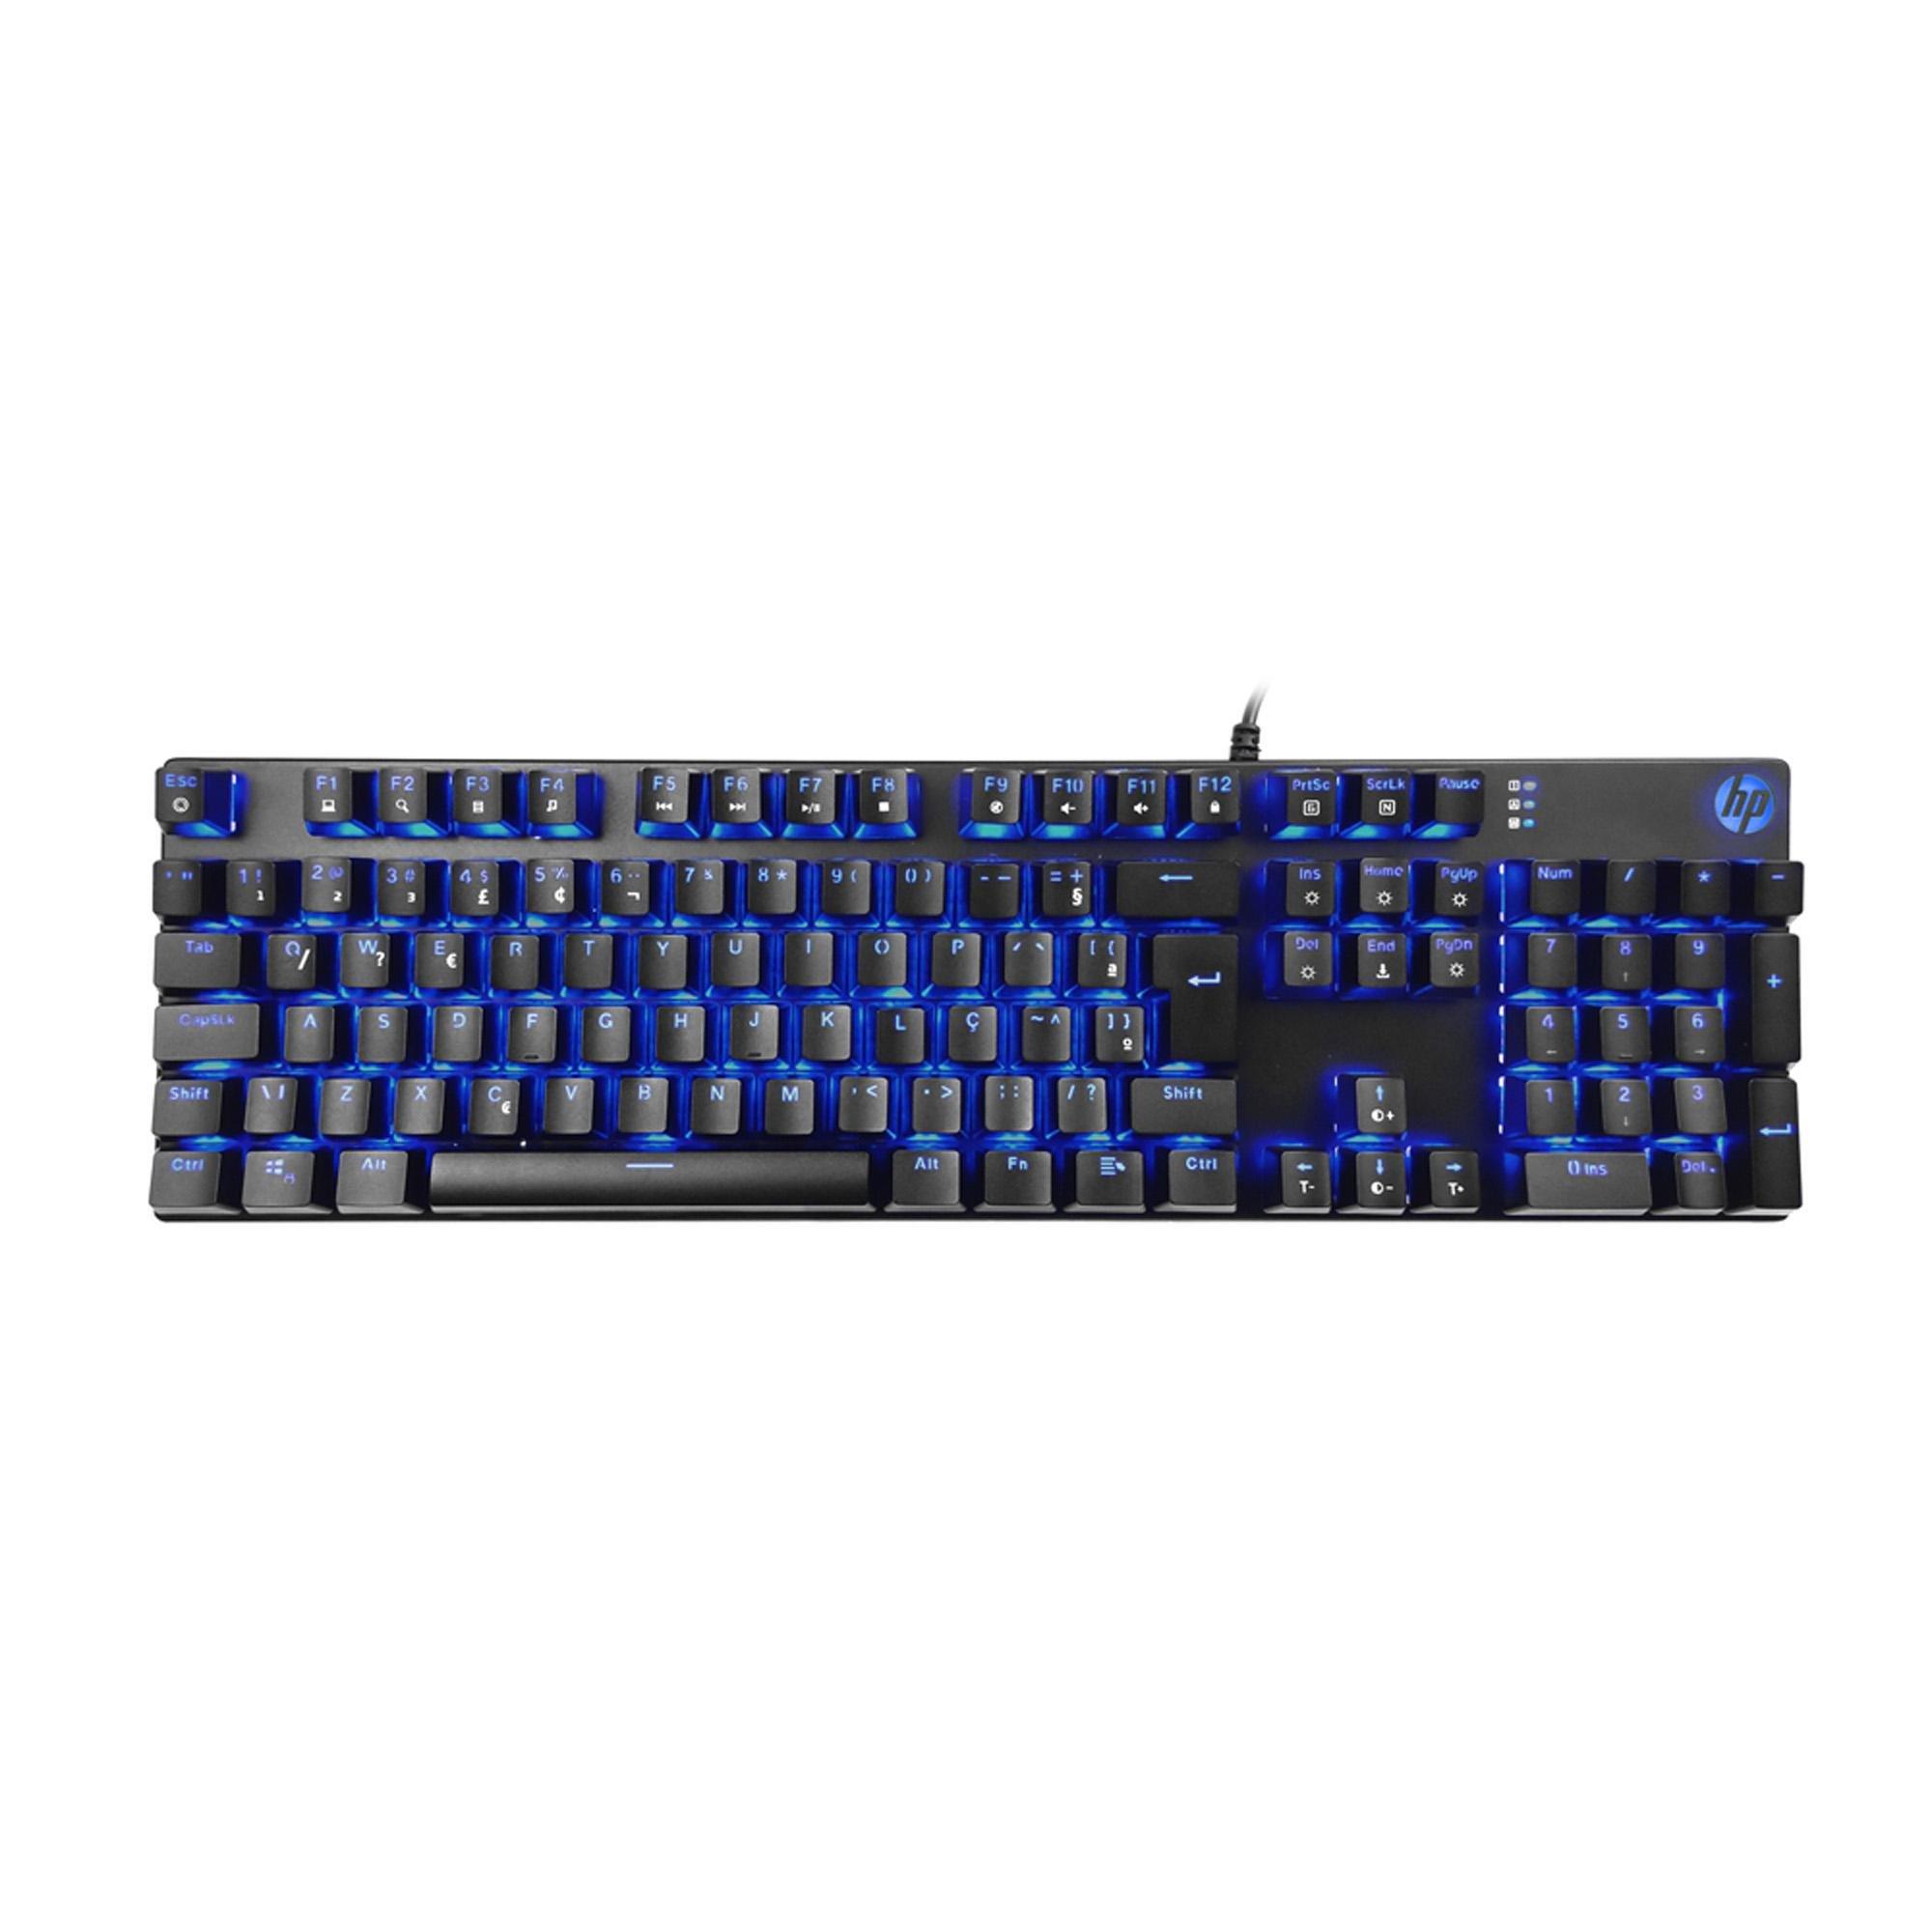 teclado gamer tentadora preto hp led gk400f usb mecanico 50115 2000 201438